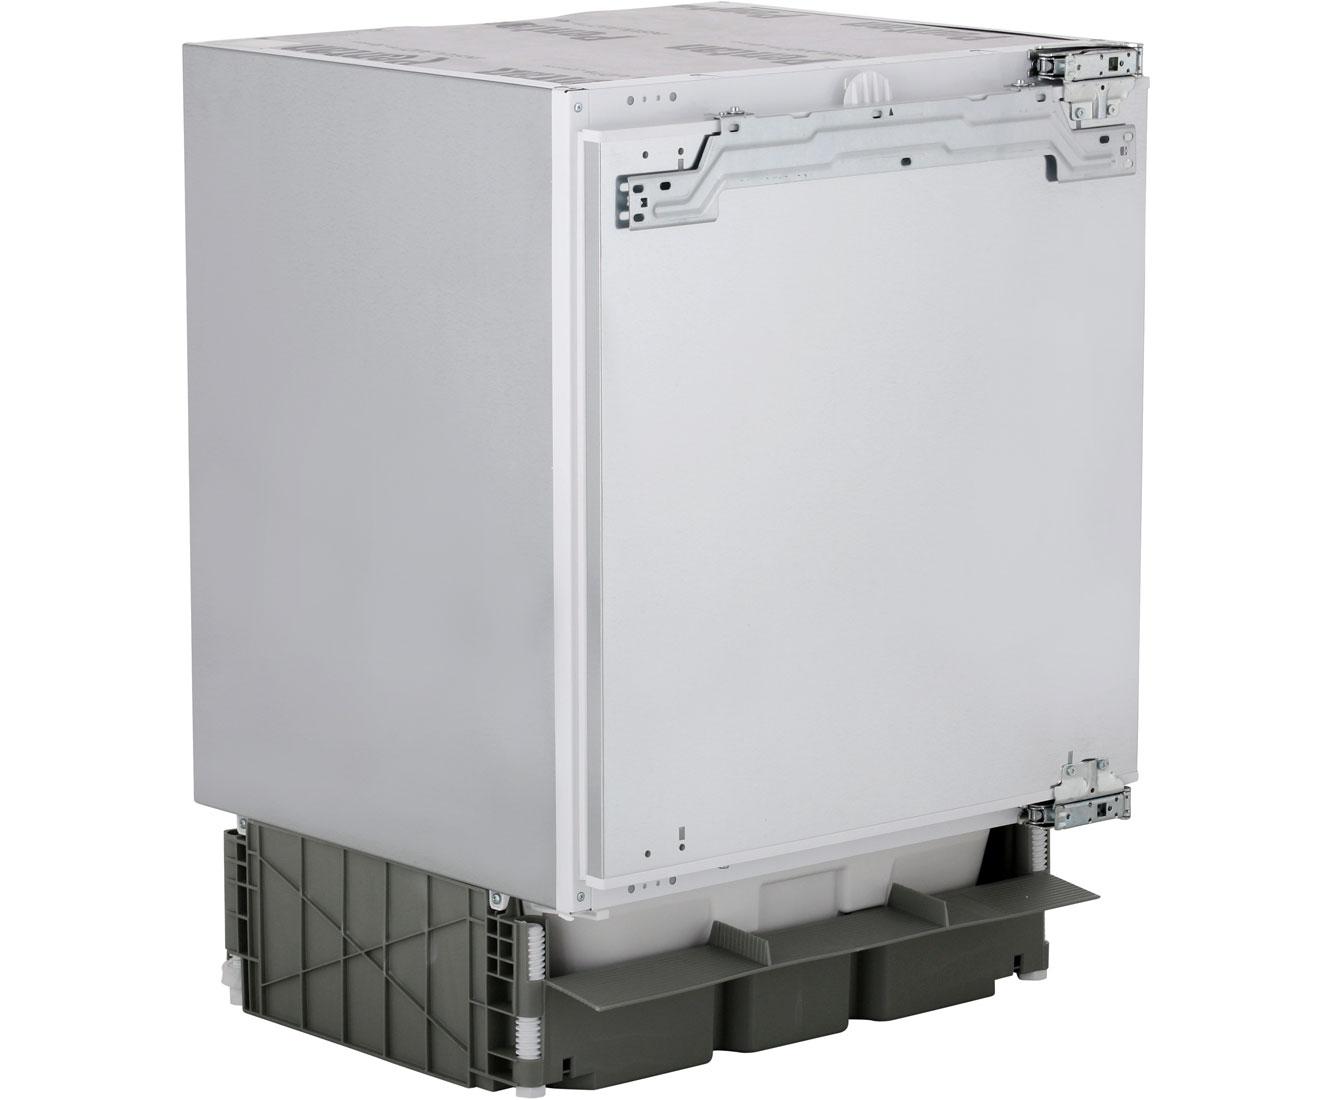 Bosch Serie 6 Kul15a65 Einbau Kuhlschrank Mit Gefrierfach 82er